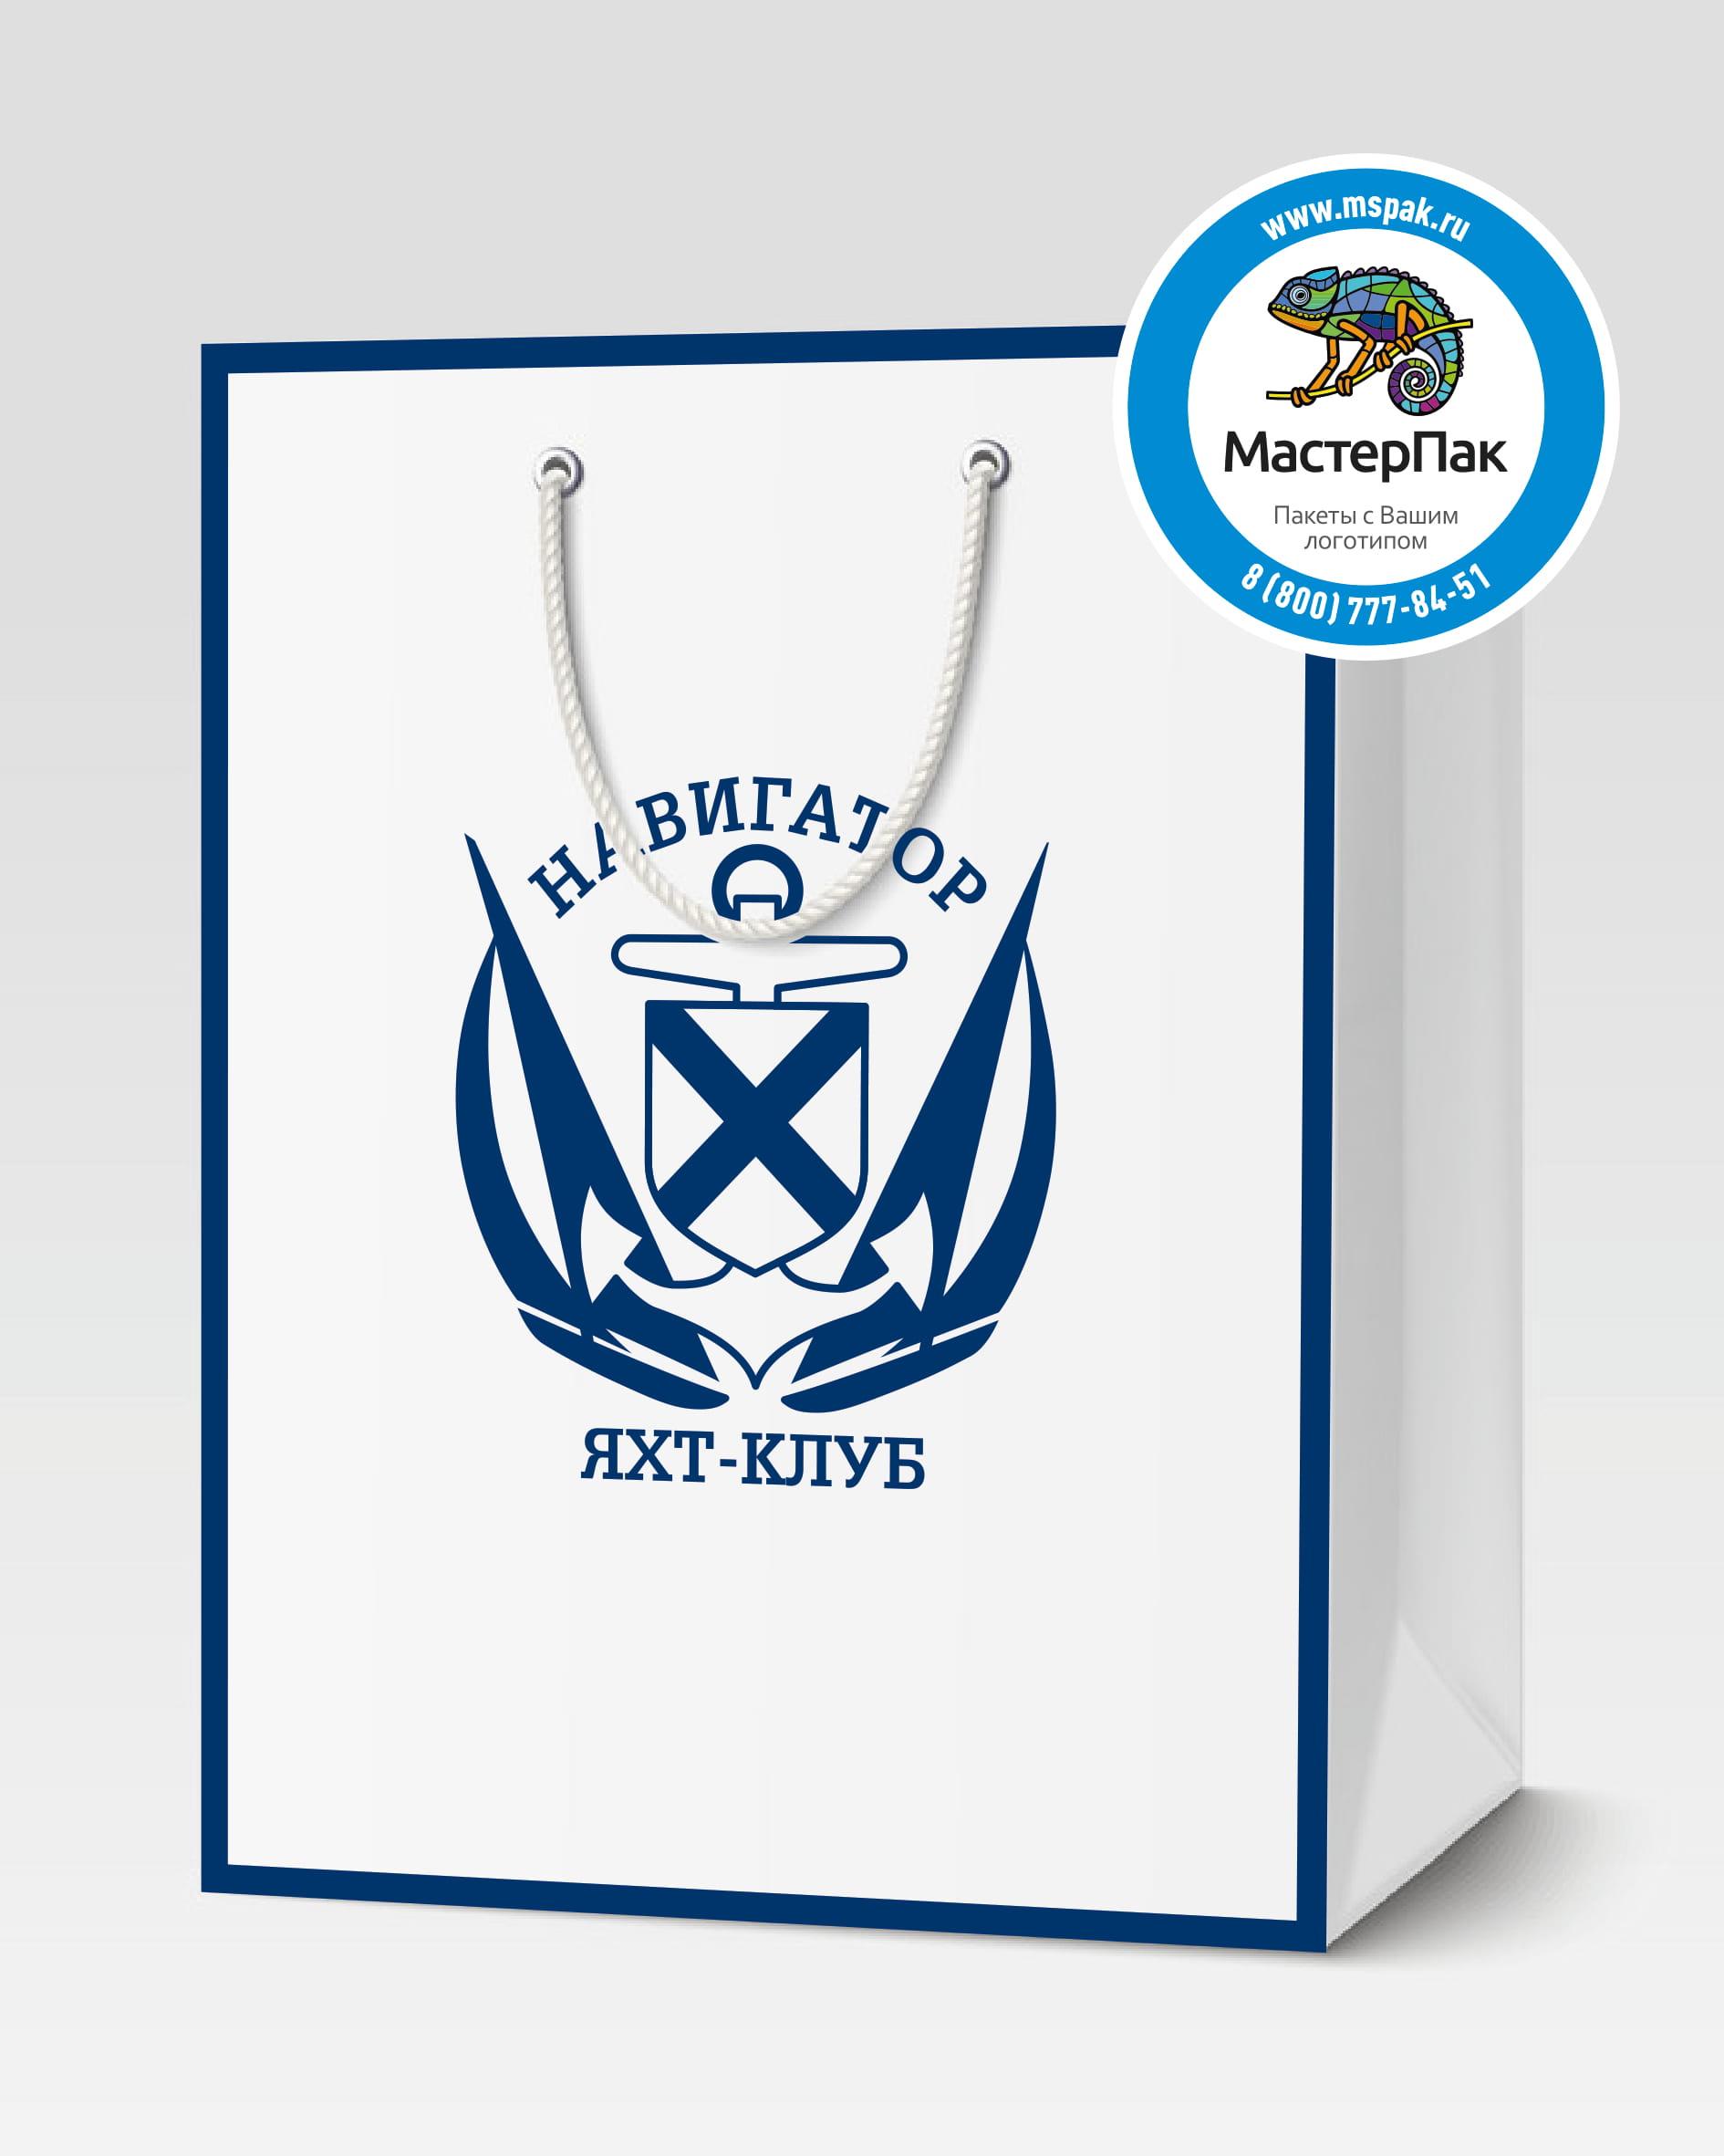 Пакет подарочный, бумажный с логотипом Яхт-Клуб, Москва, 30*40, люверсы